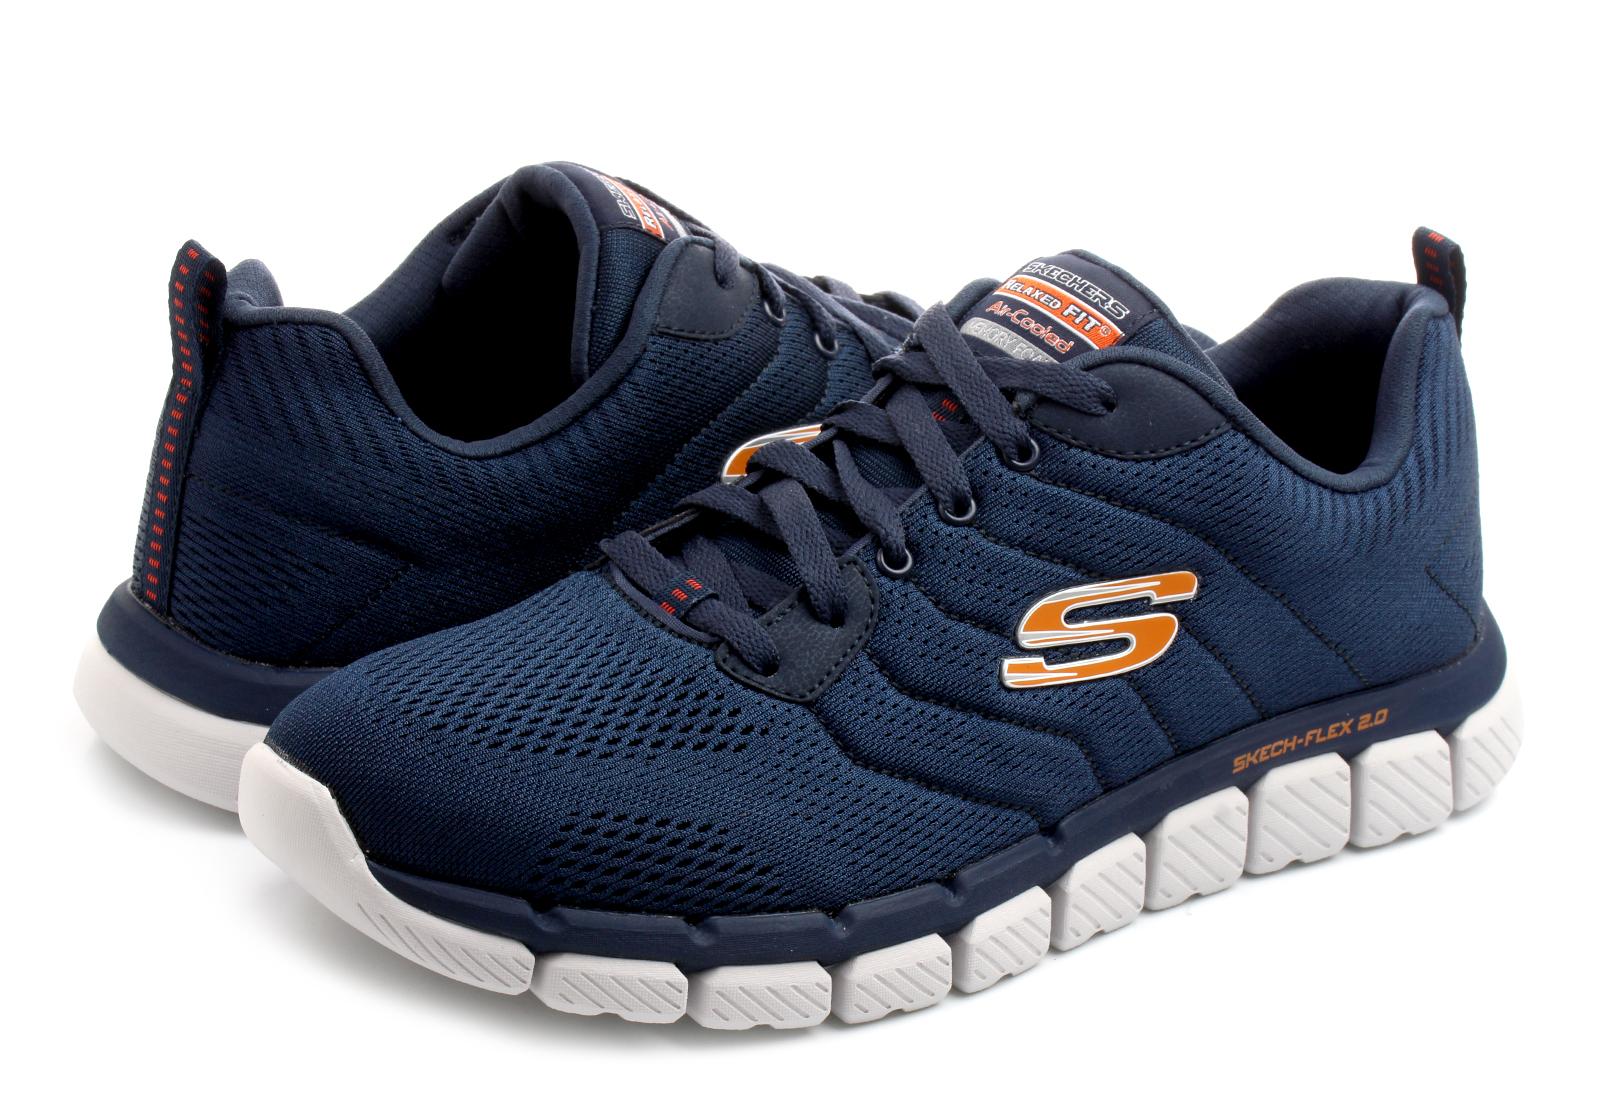 Skechers Shoes - Skech-flex 2.0 - 52619-nvy - Online shop for ... b148ee68034